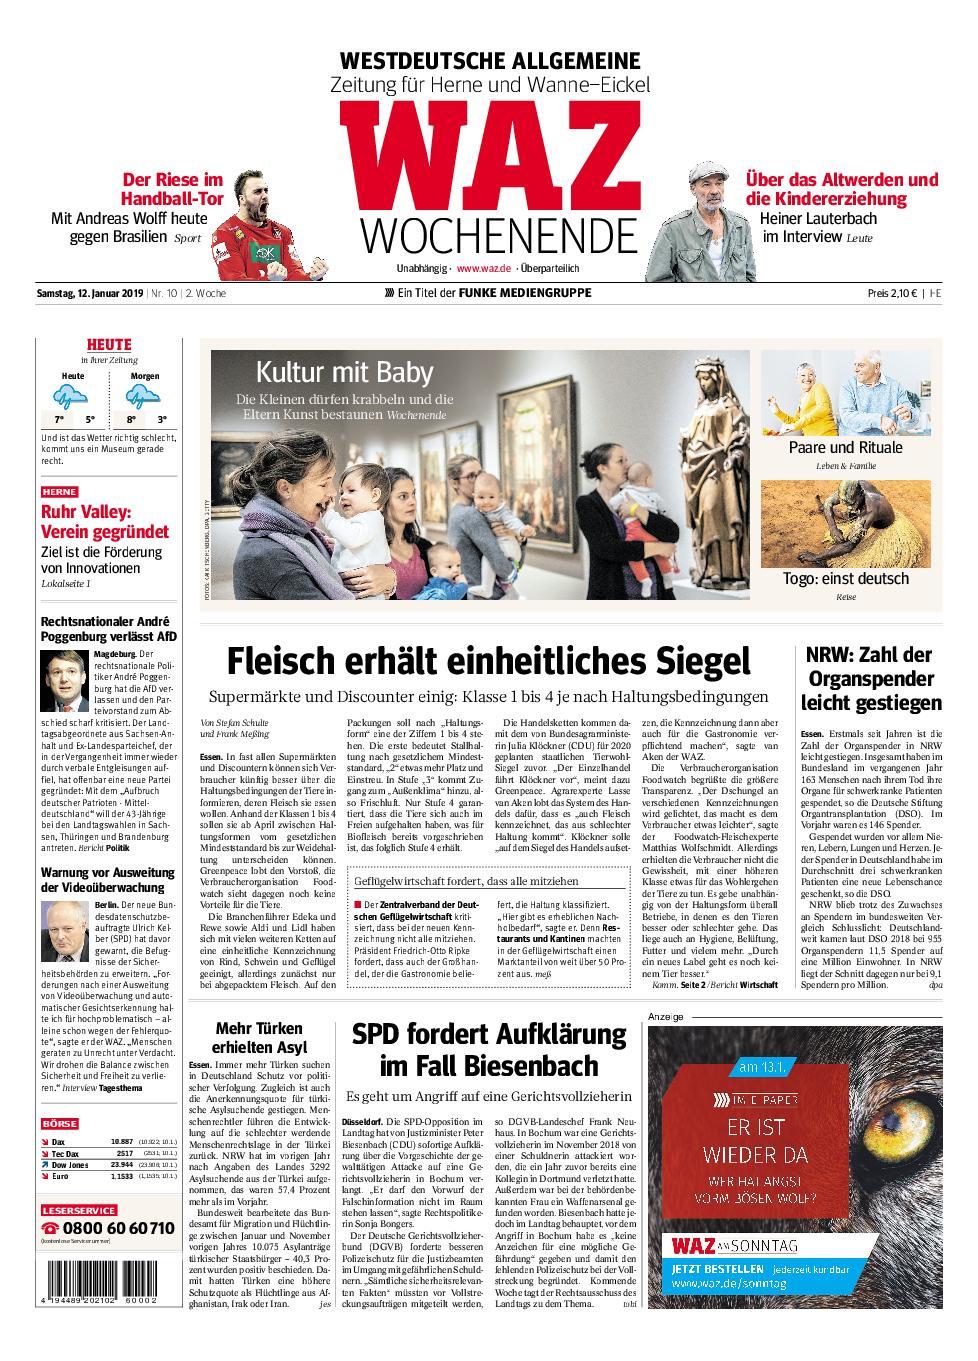 WAZ Westdeutsche Allgemeine Zeitung Herne - 12. Januar 2019